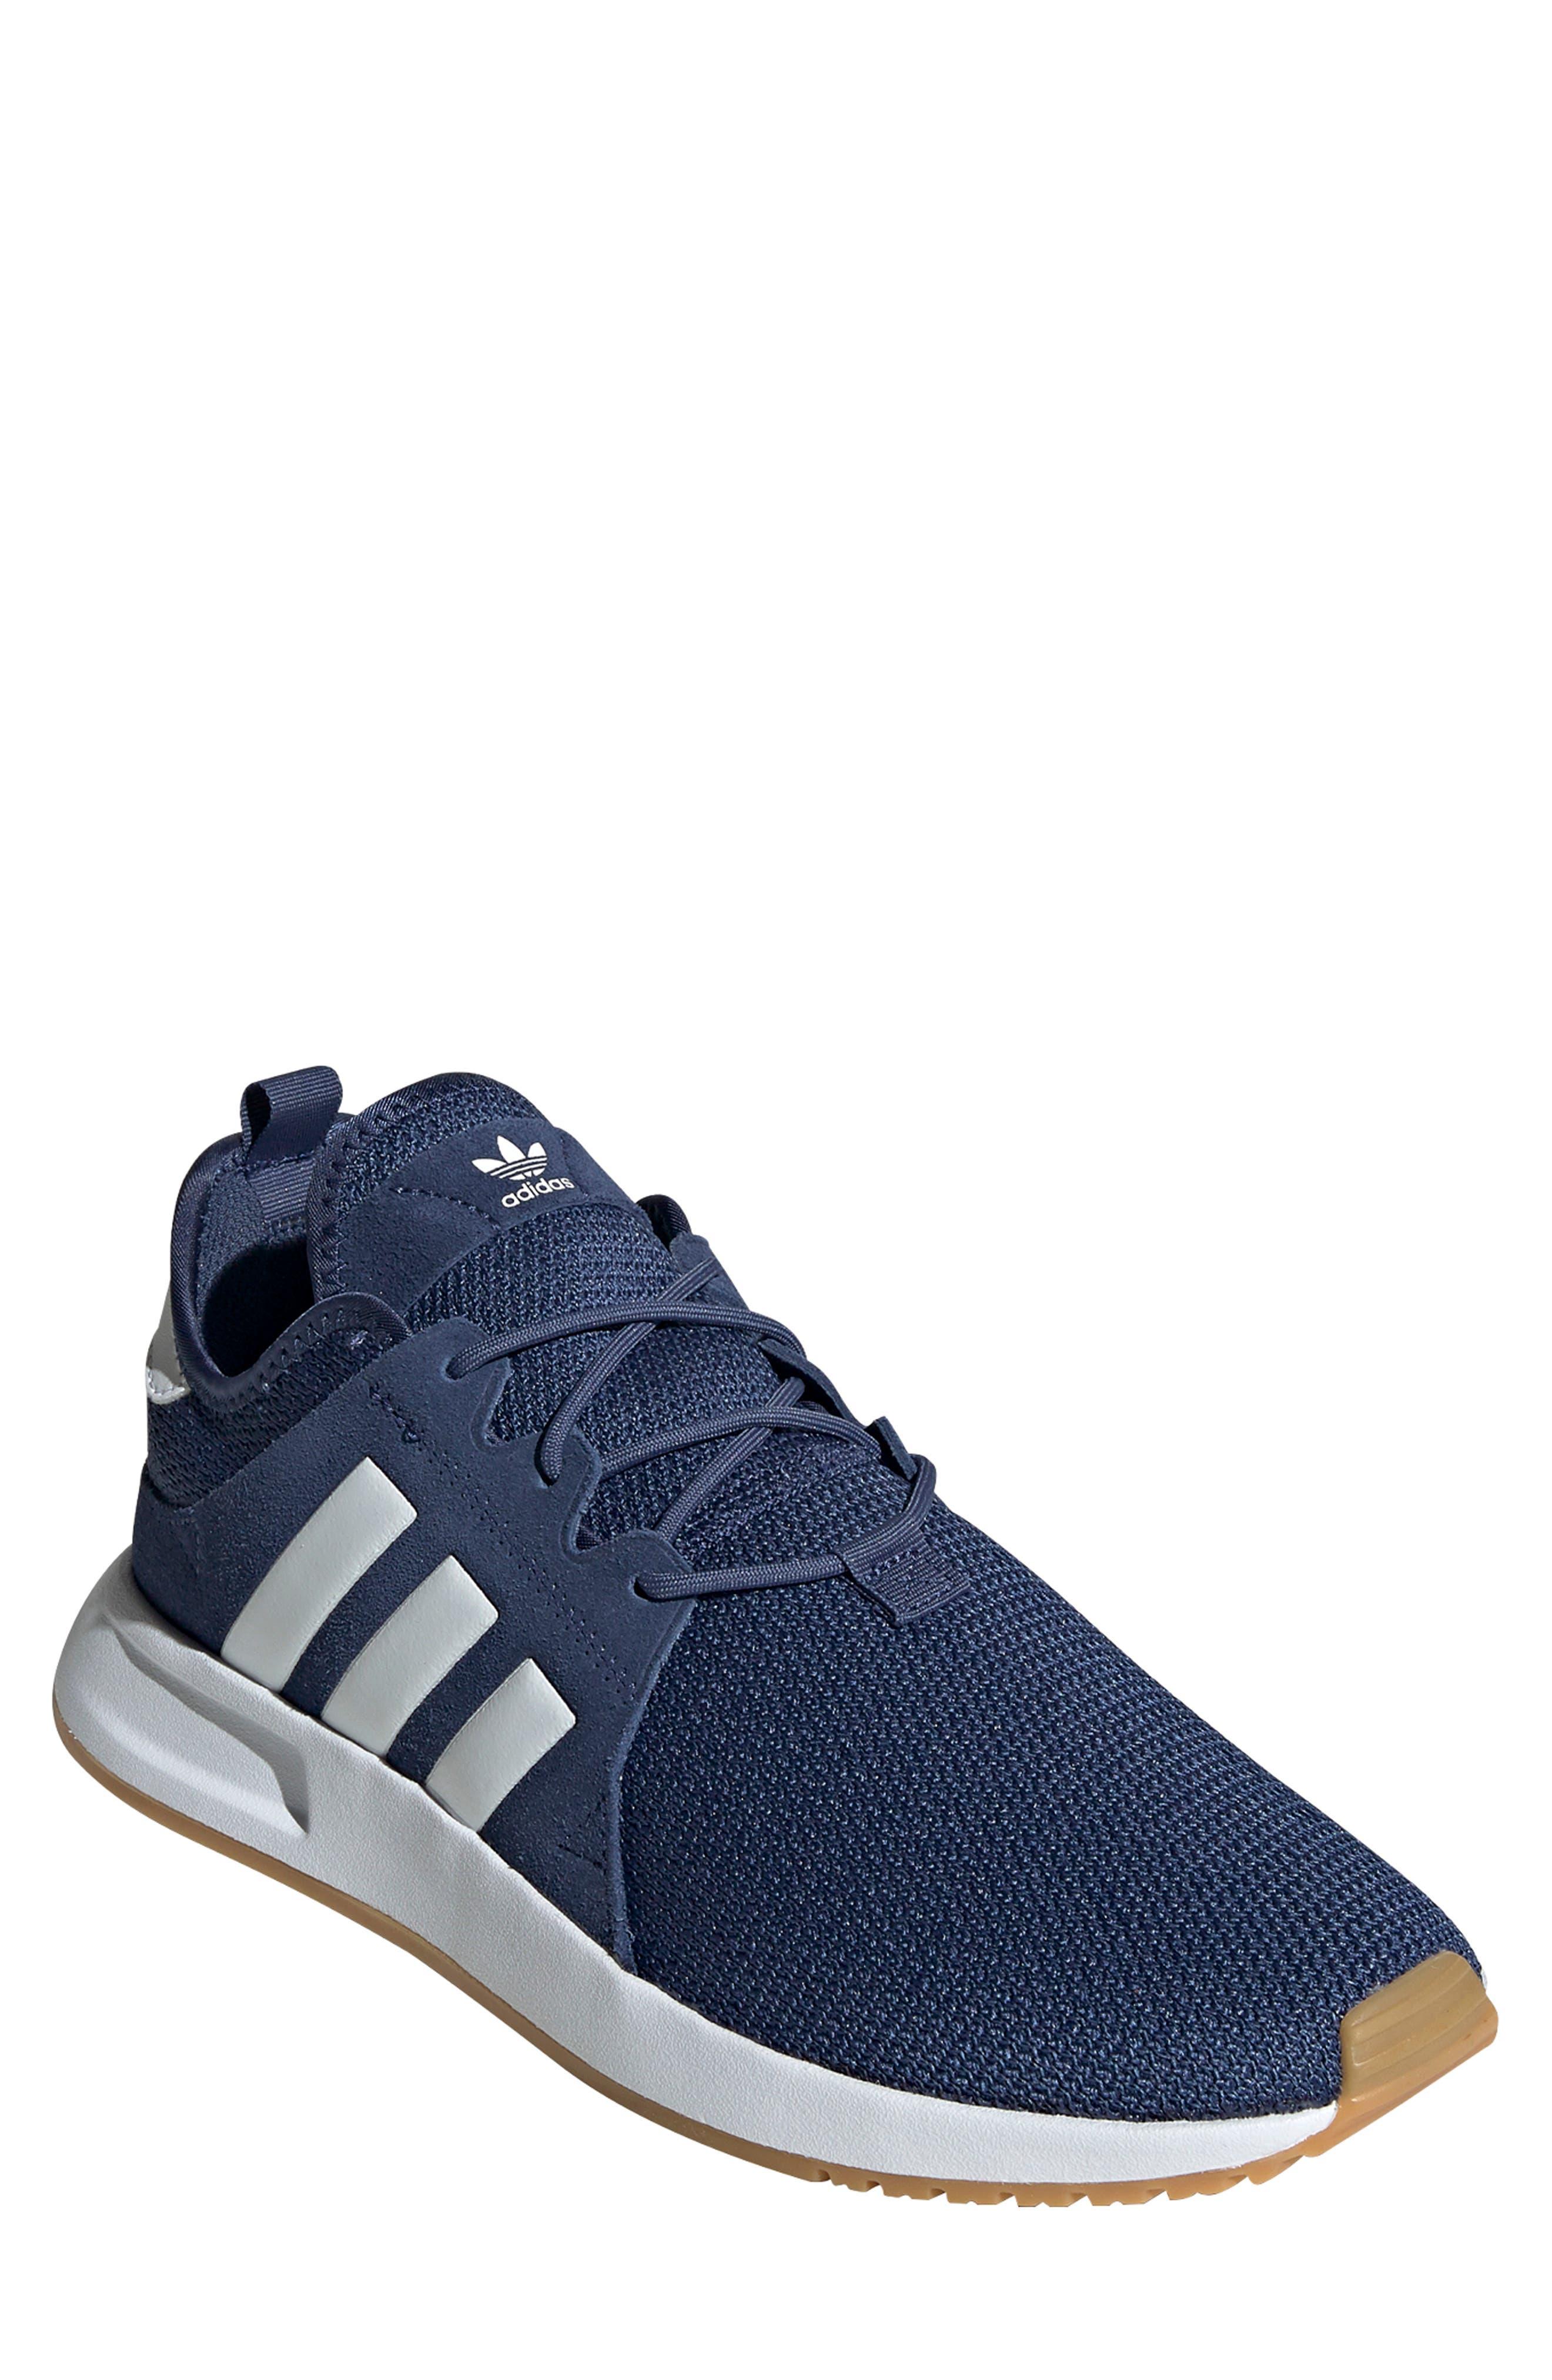 adidas X_PLR Sneaker (Men) | Nordstrom